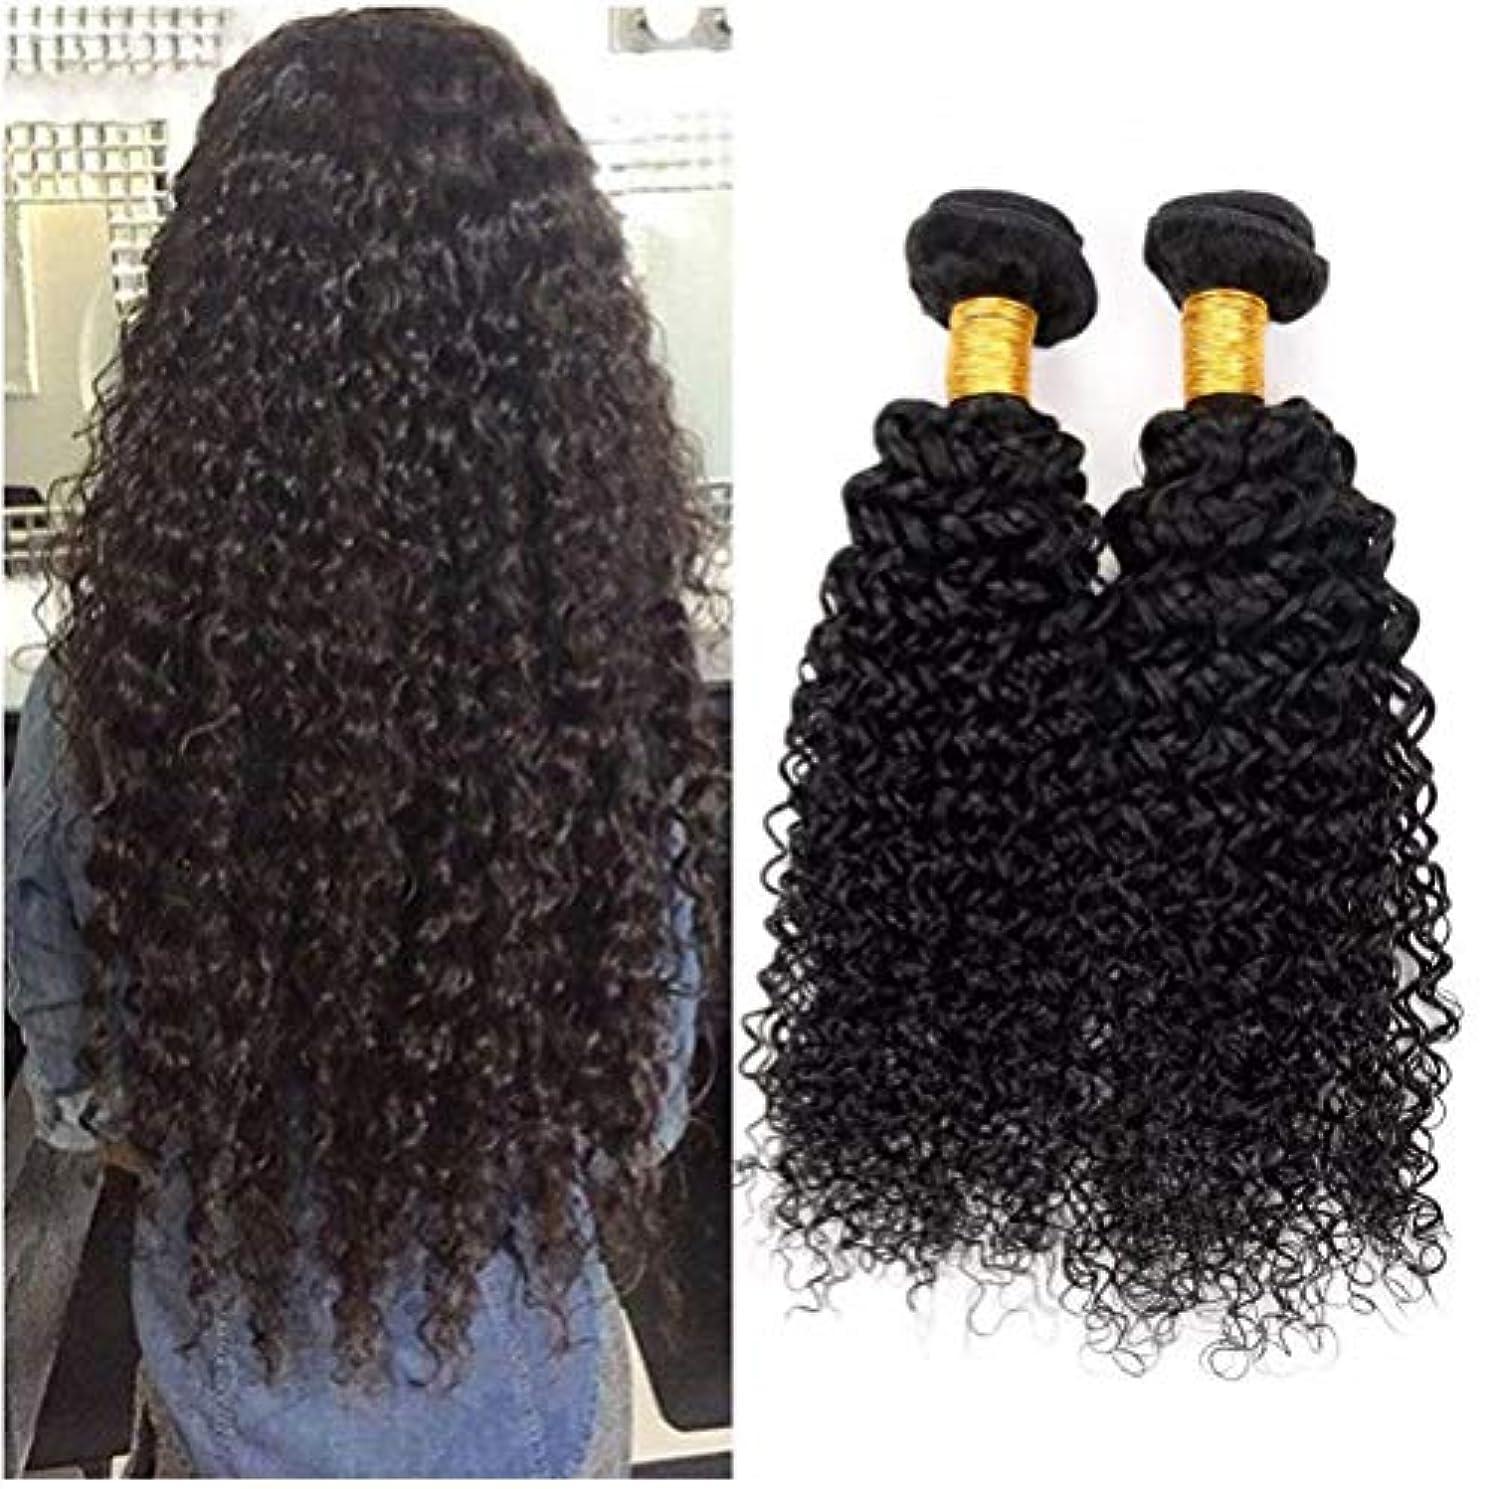 害虫神秘消毒剤女性の髪織り8Aブラジル変態カーリーヘアバンドルブラジル髪カーリー人間の髪バンドル1バンドルナチュラルカラー(100 +/- 5g)/ pc